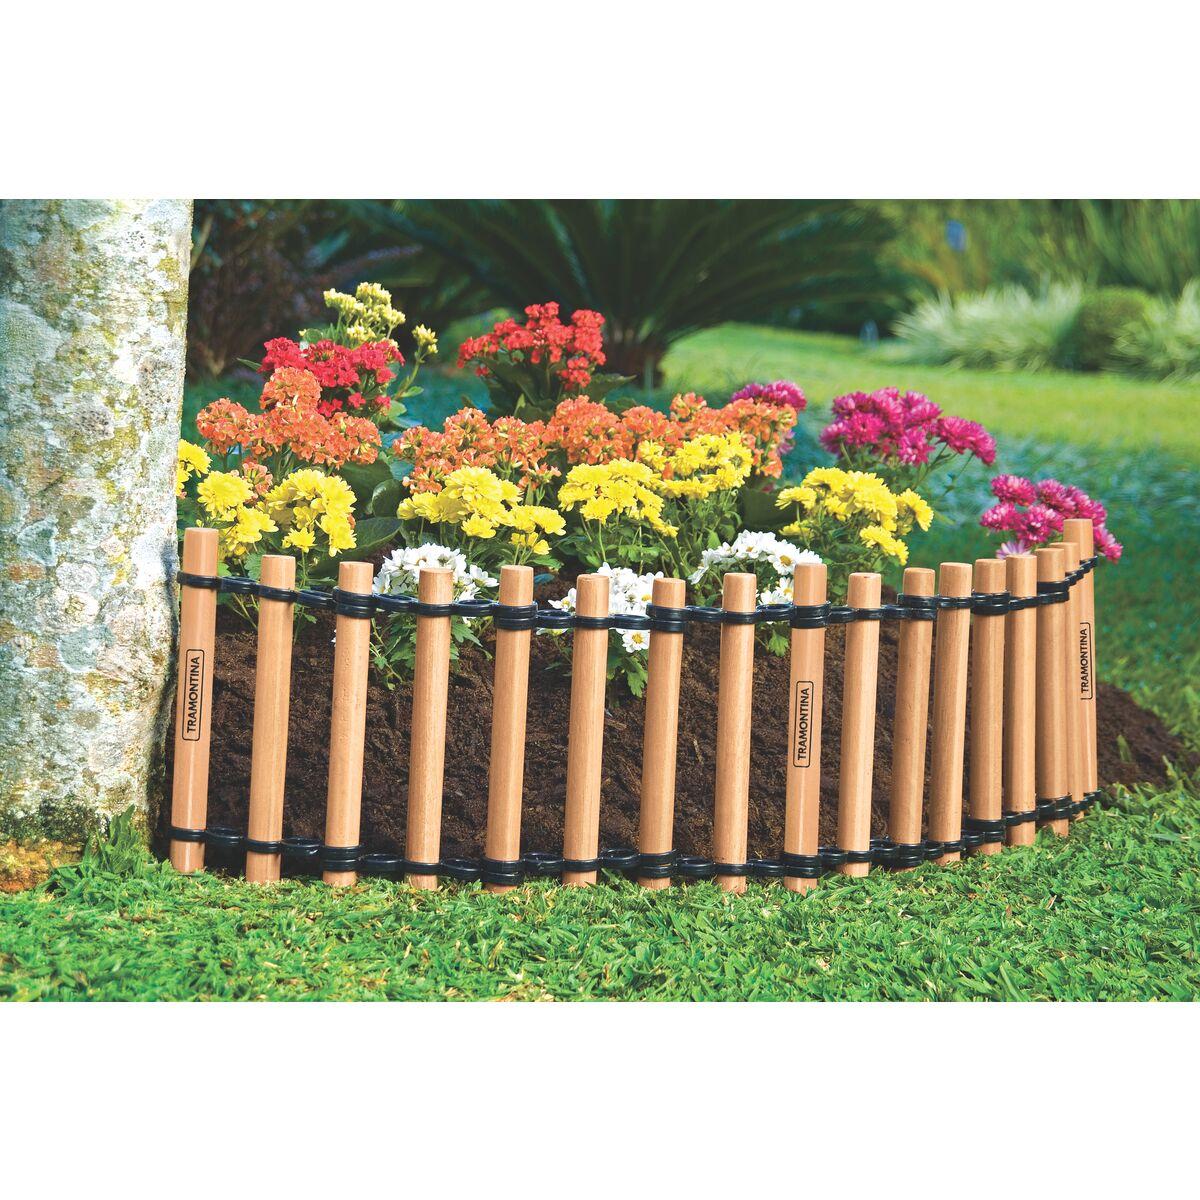 Tramontina reja para jard n 5 m vasada for Rejas de jardin